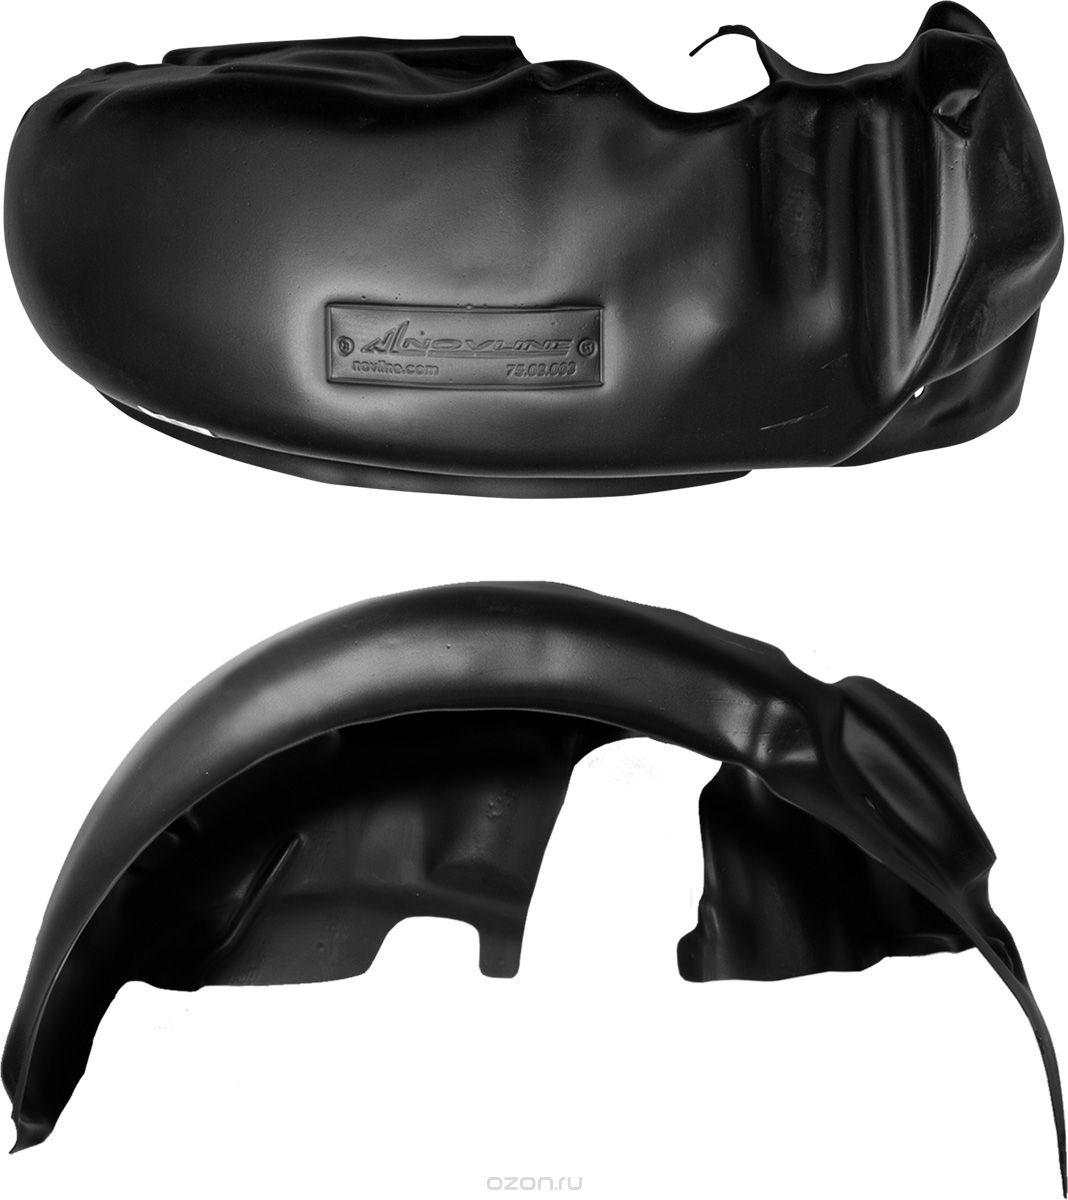 Подкрылок Novline-Autofamily, для TOYOTA Land Cruiser Prado 01/2003-2009, передний левыйNLL.48.01.001Идеальная защита колесной ниши. Локеры разработаны с применением цифровых технологий, гарантируют максимальную повторяемость поверхности арки. Изделия устанавливаются без нарушения лакокрасочного покрытия автомобиля, каждый подкрылок комплектуется крепежом. Уважаемые клиенты, обращаем ваше внимание, что фотографии на подкрылки универсальные и не отражают реальную форму изделия. При этом само изделие идет точно под размер указанного автомобиля.